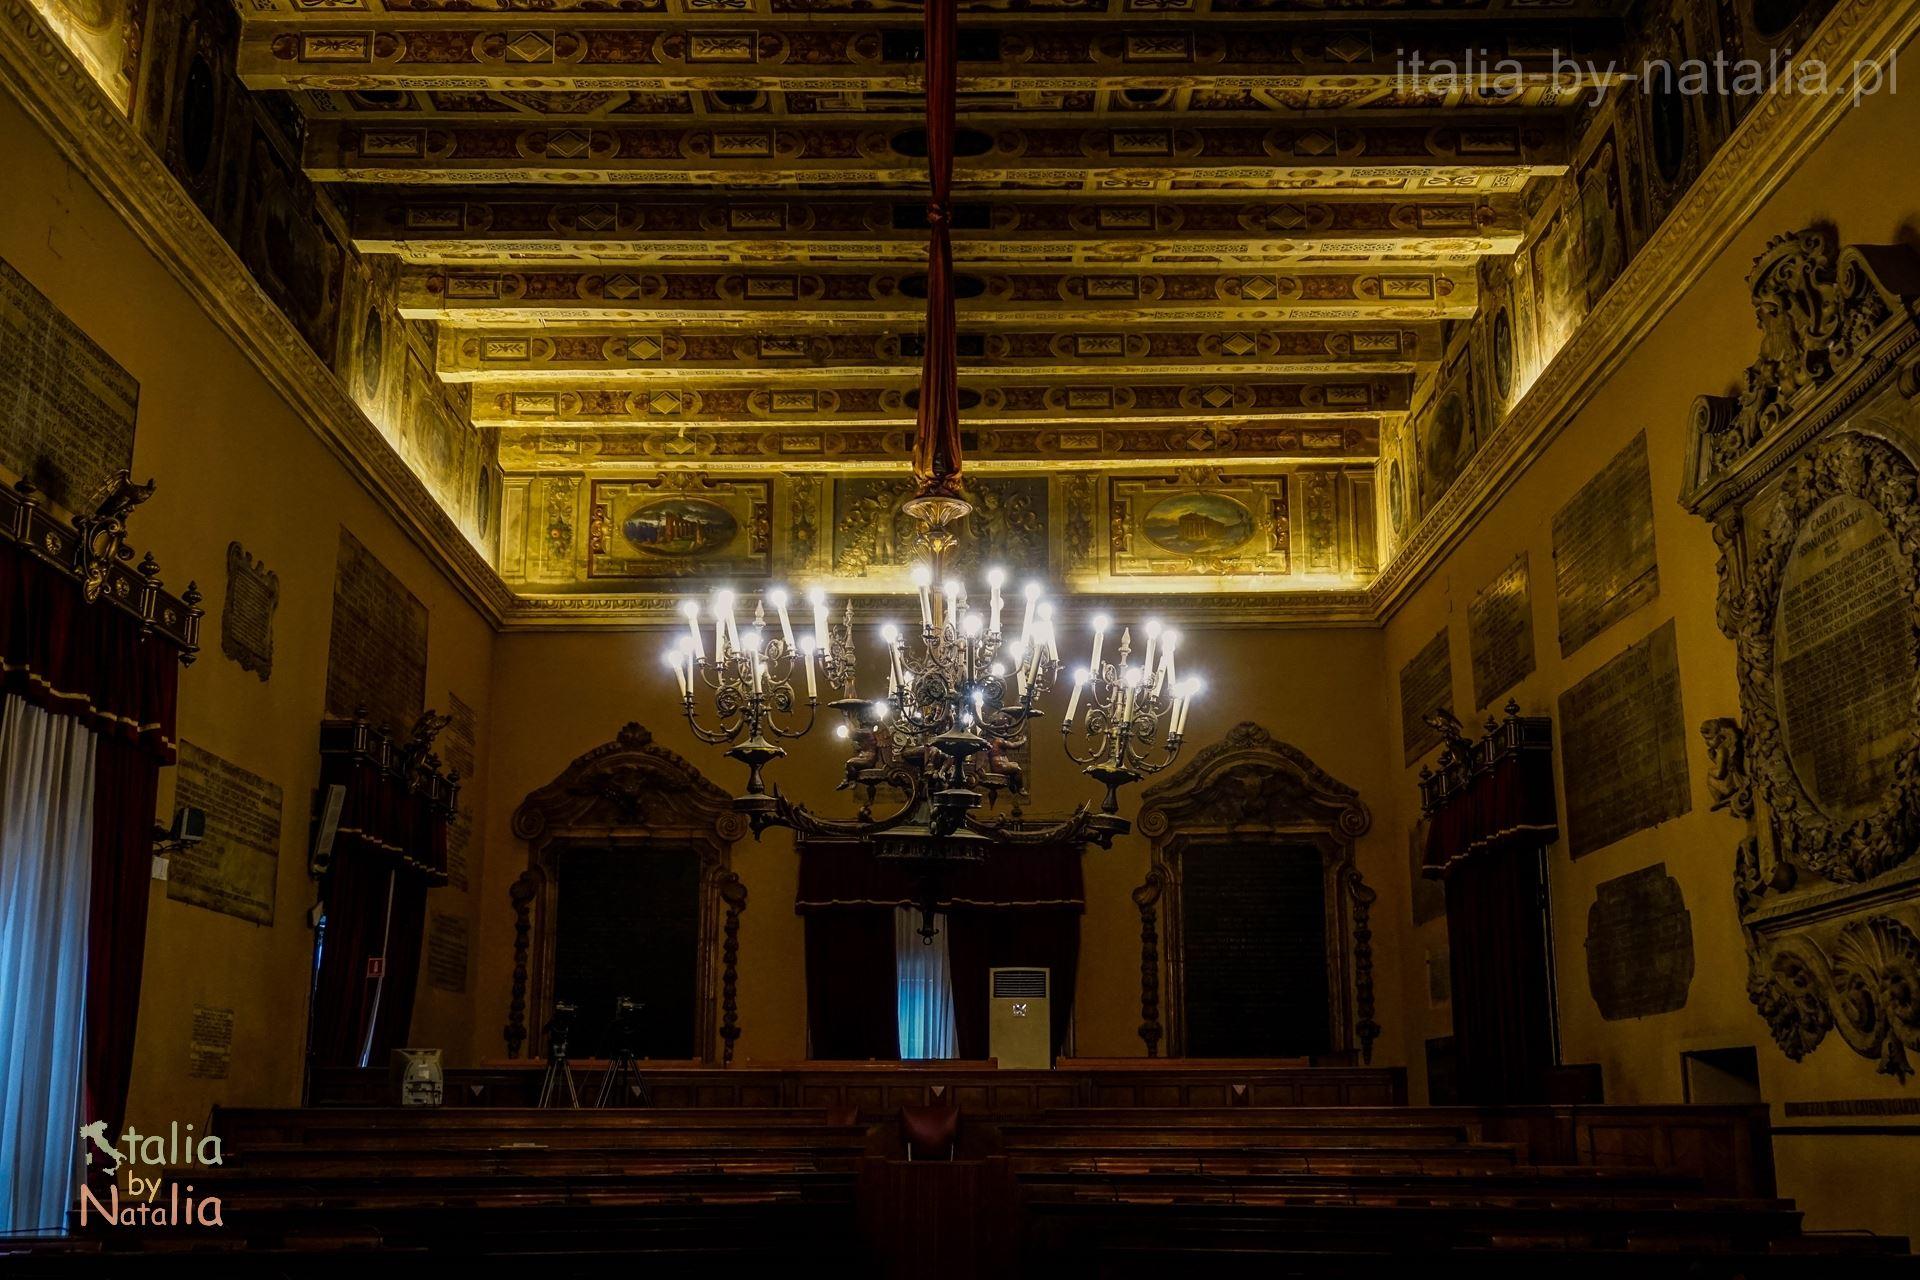 Palermo Palazzo Pretoria Sicily Sycylia Sicilia